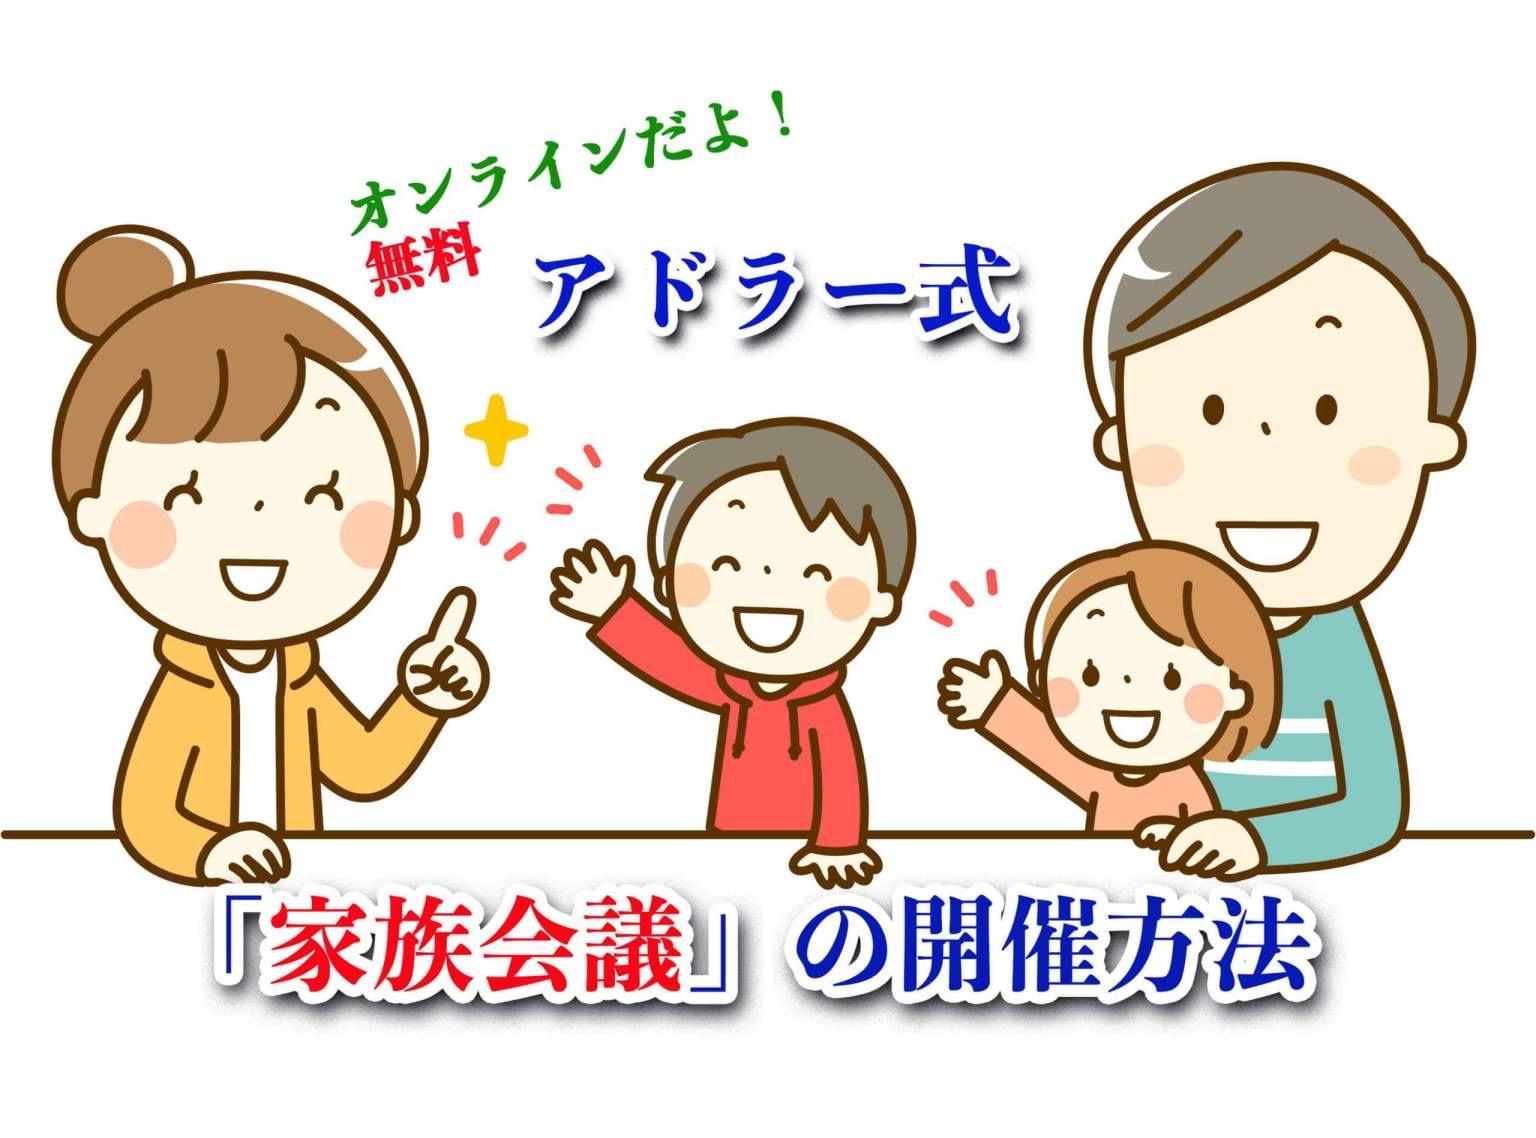 【11/20川崎パパ塾無料オンライン講座】アドラー式家族会議の開き方